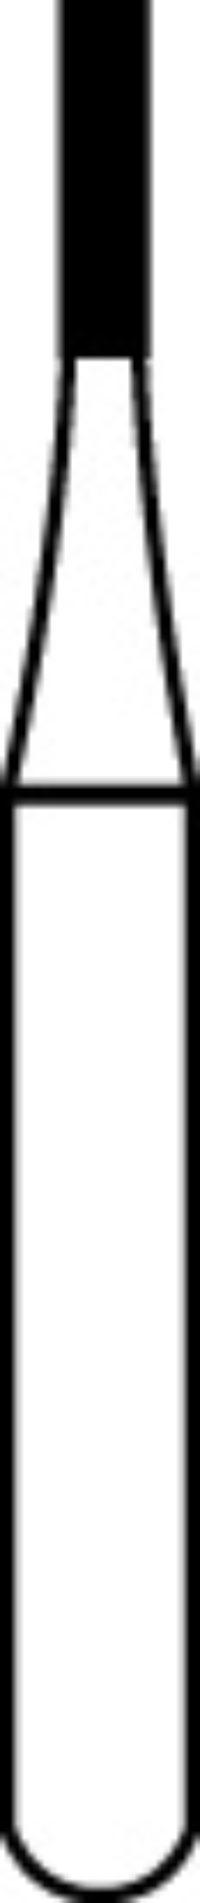 57 Cylinder Flat End Carbide